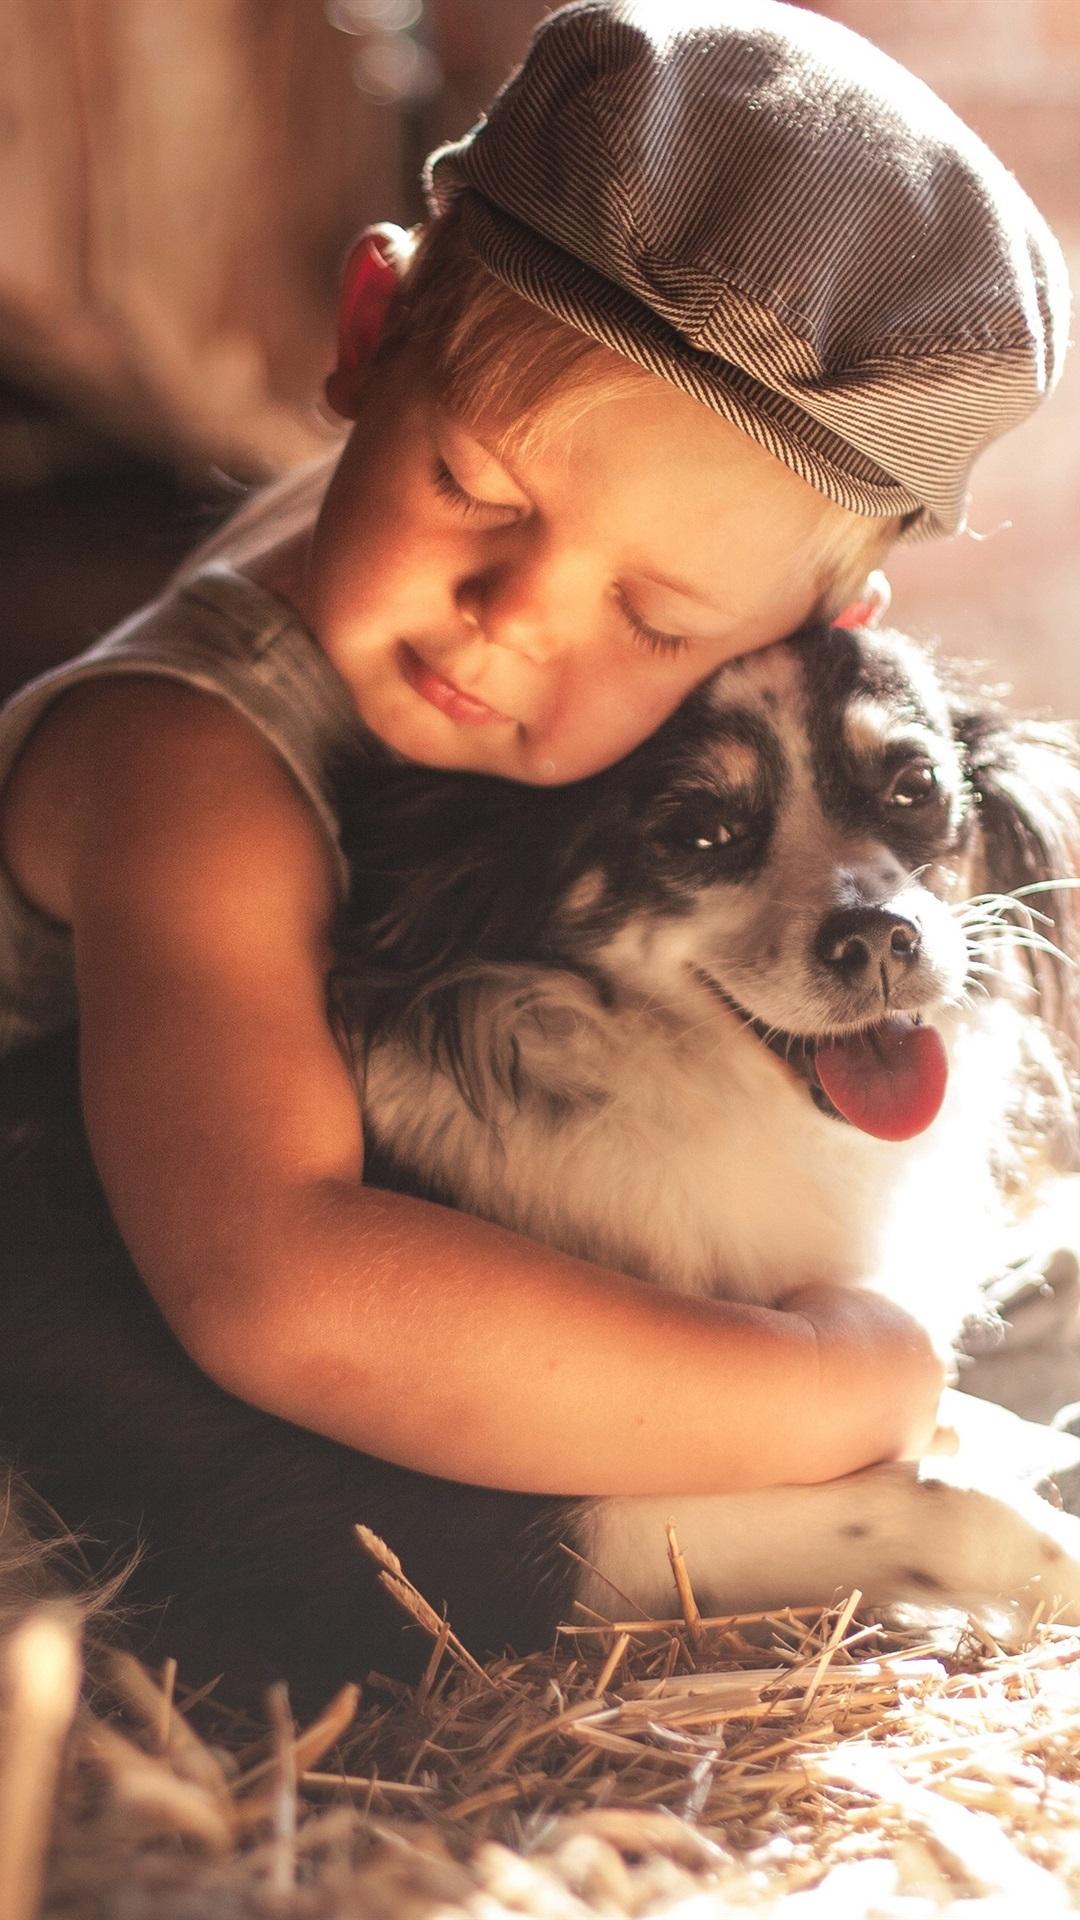 壁紙 子供と犬 友情 3840x2160 Uhd 4k 無料のデスクトップの背景 画像